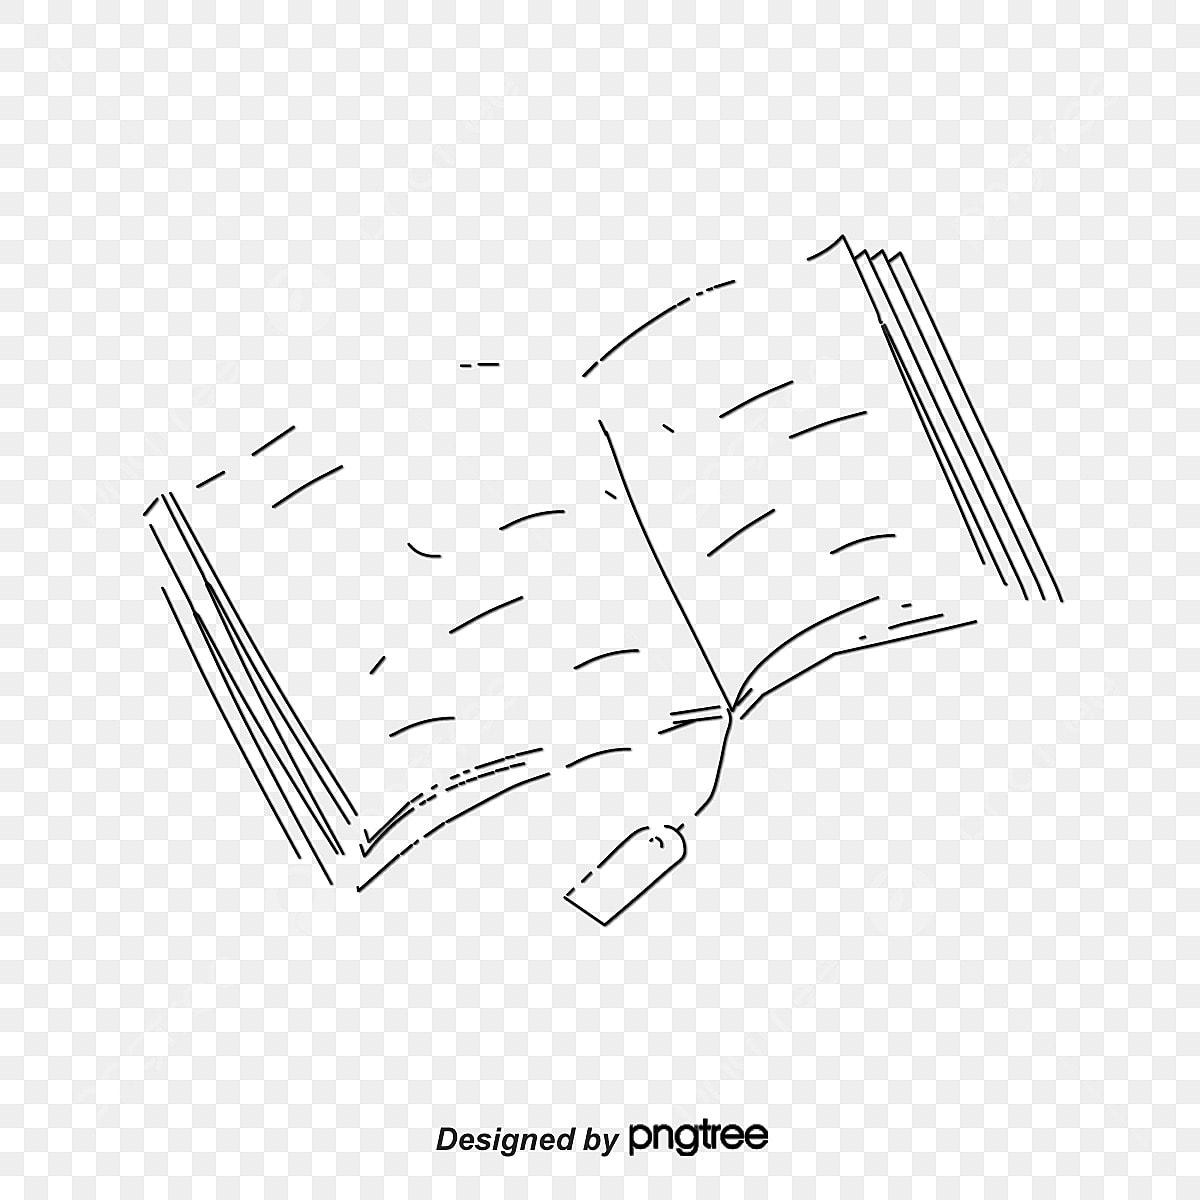 دفتر رسم كتاب رسم كتاب Png والمتجهات للتحميل مجانا